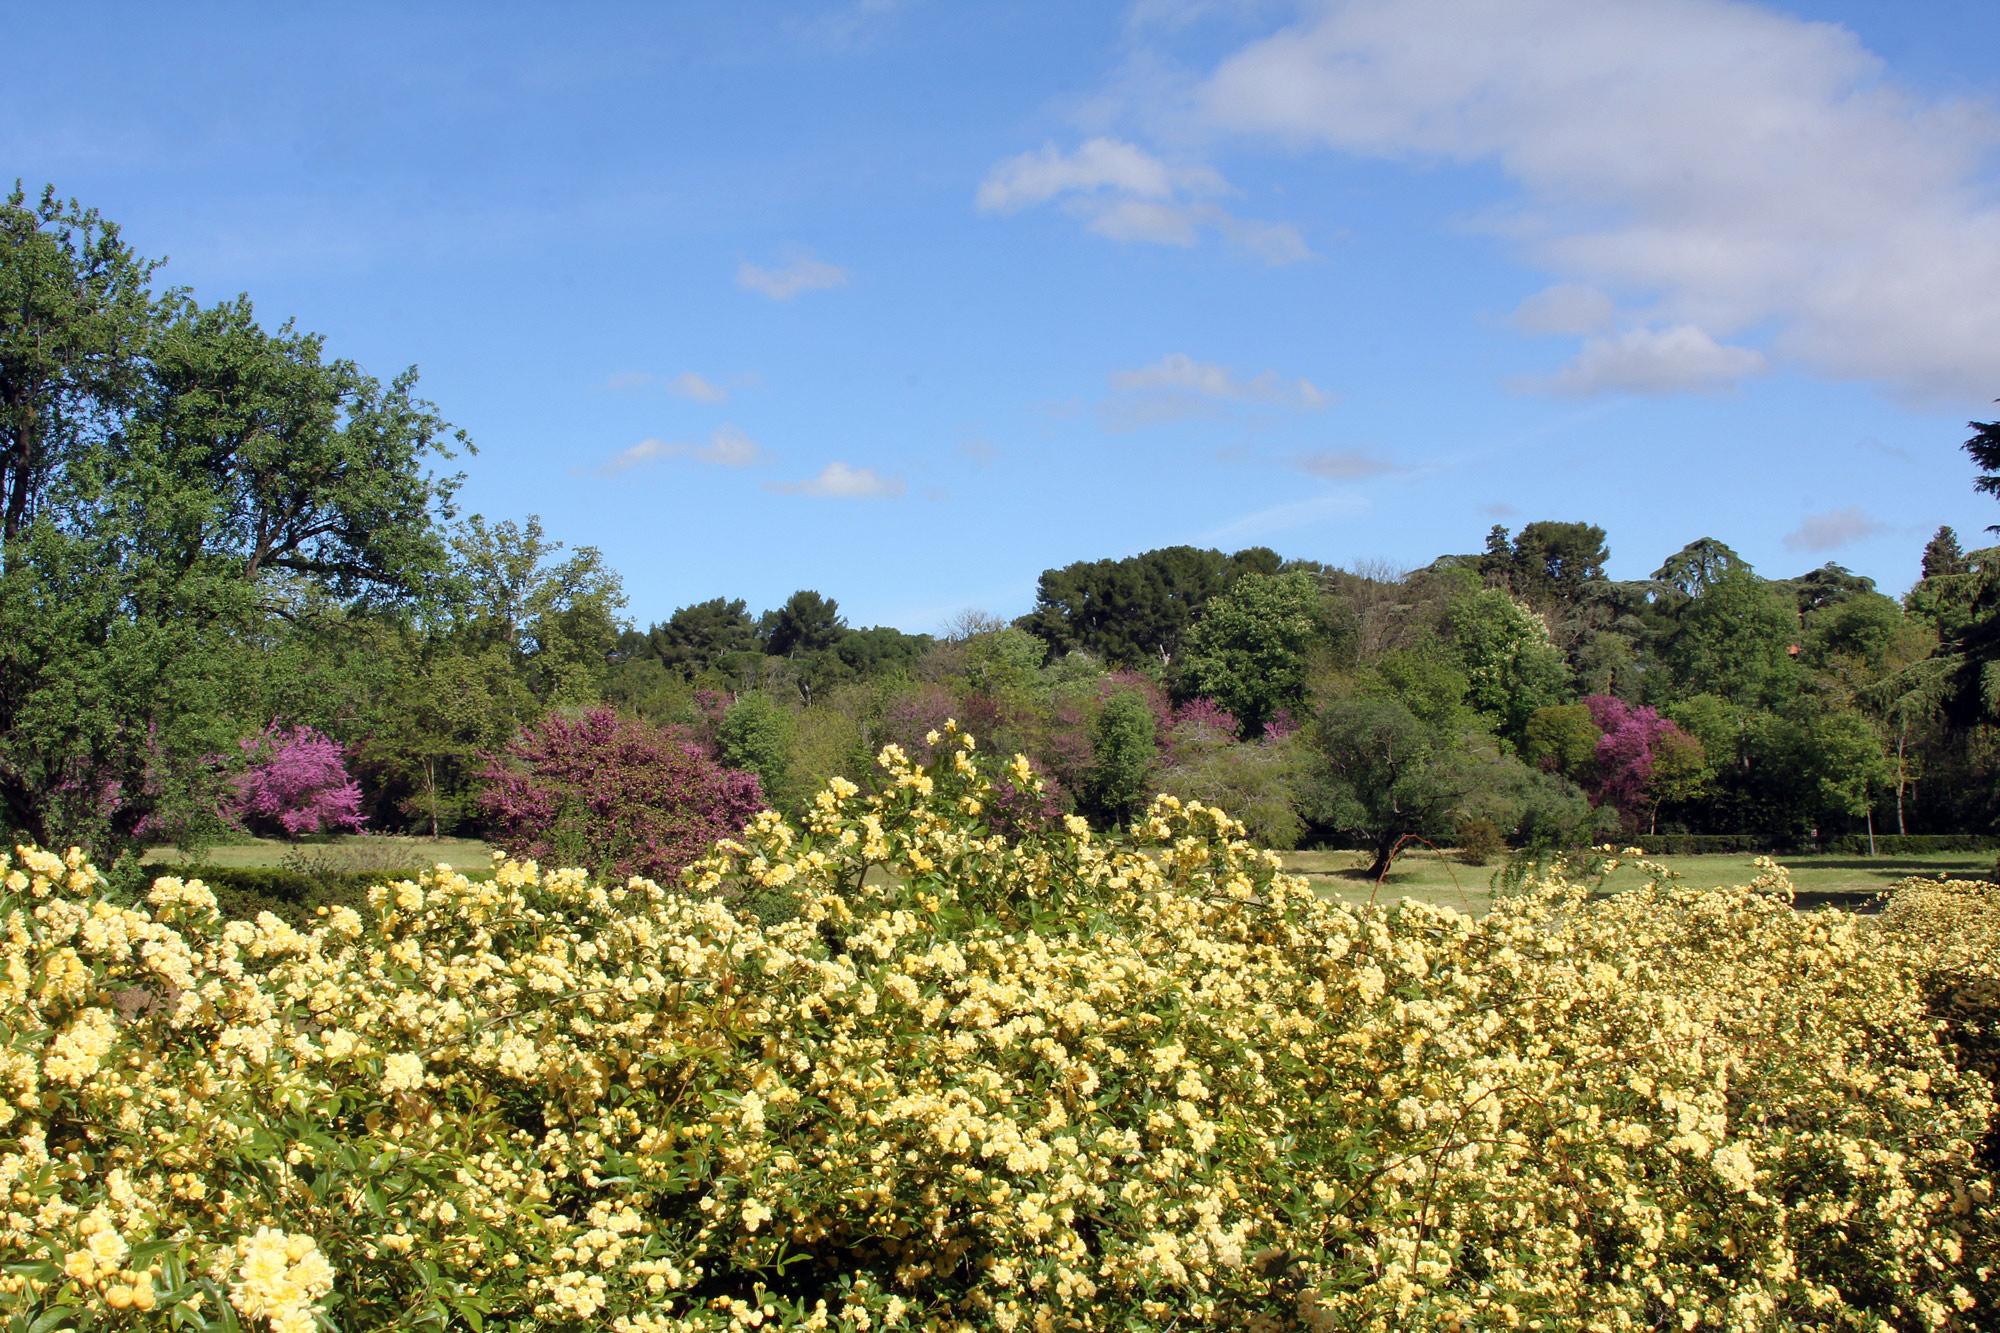 En la Quinta de Canillejas la fragancia de las rosas de pitiminí evocan tiempos pasados, olores olvidados, quietud, como si la vida se parase en el mismo corazón de la ciudad.